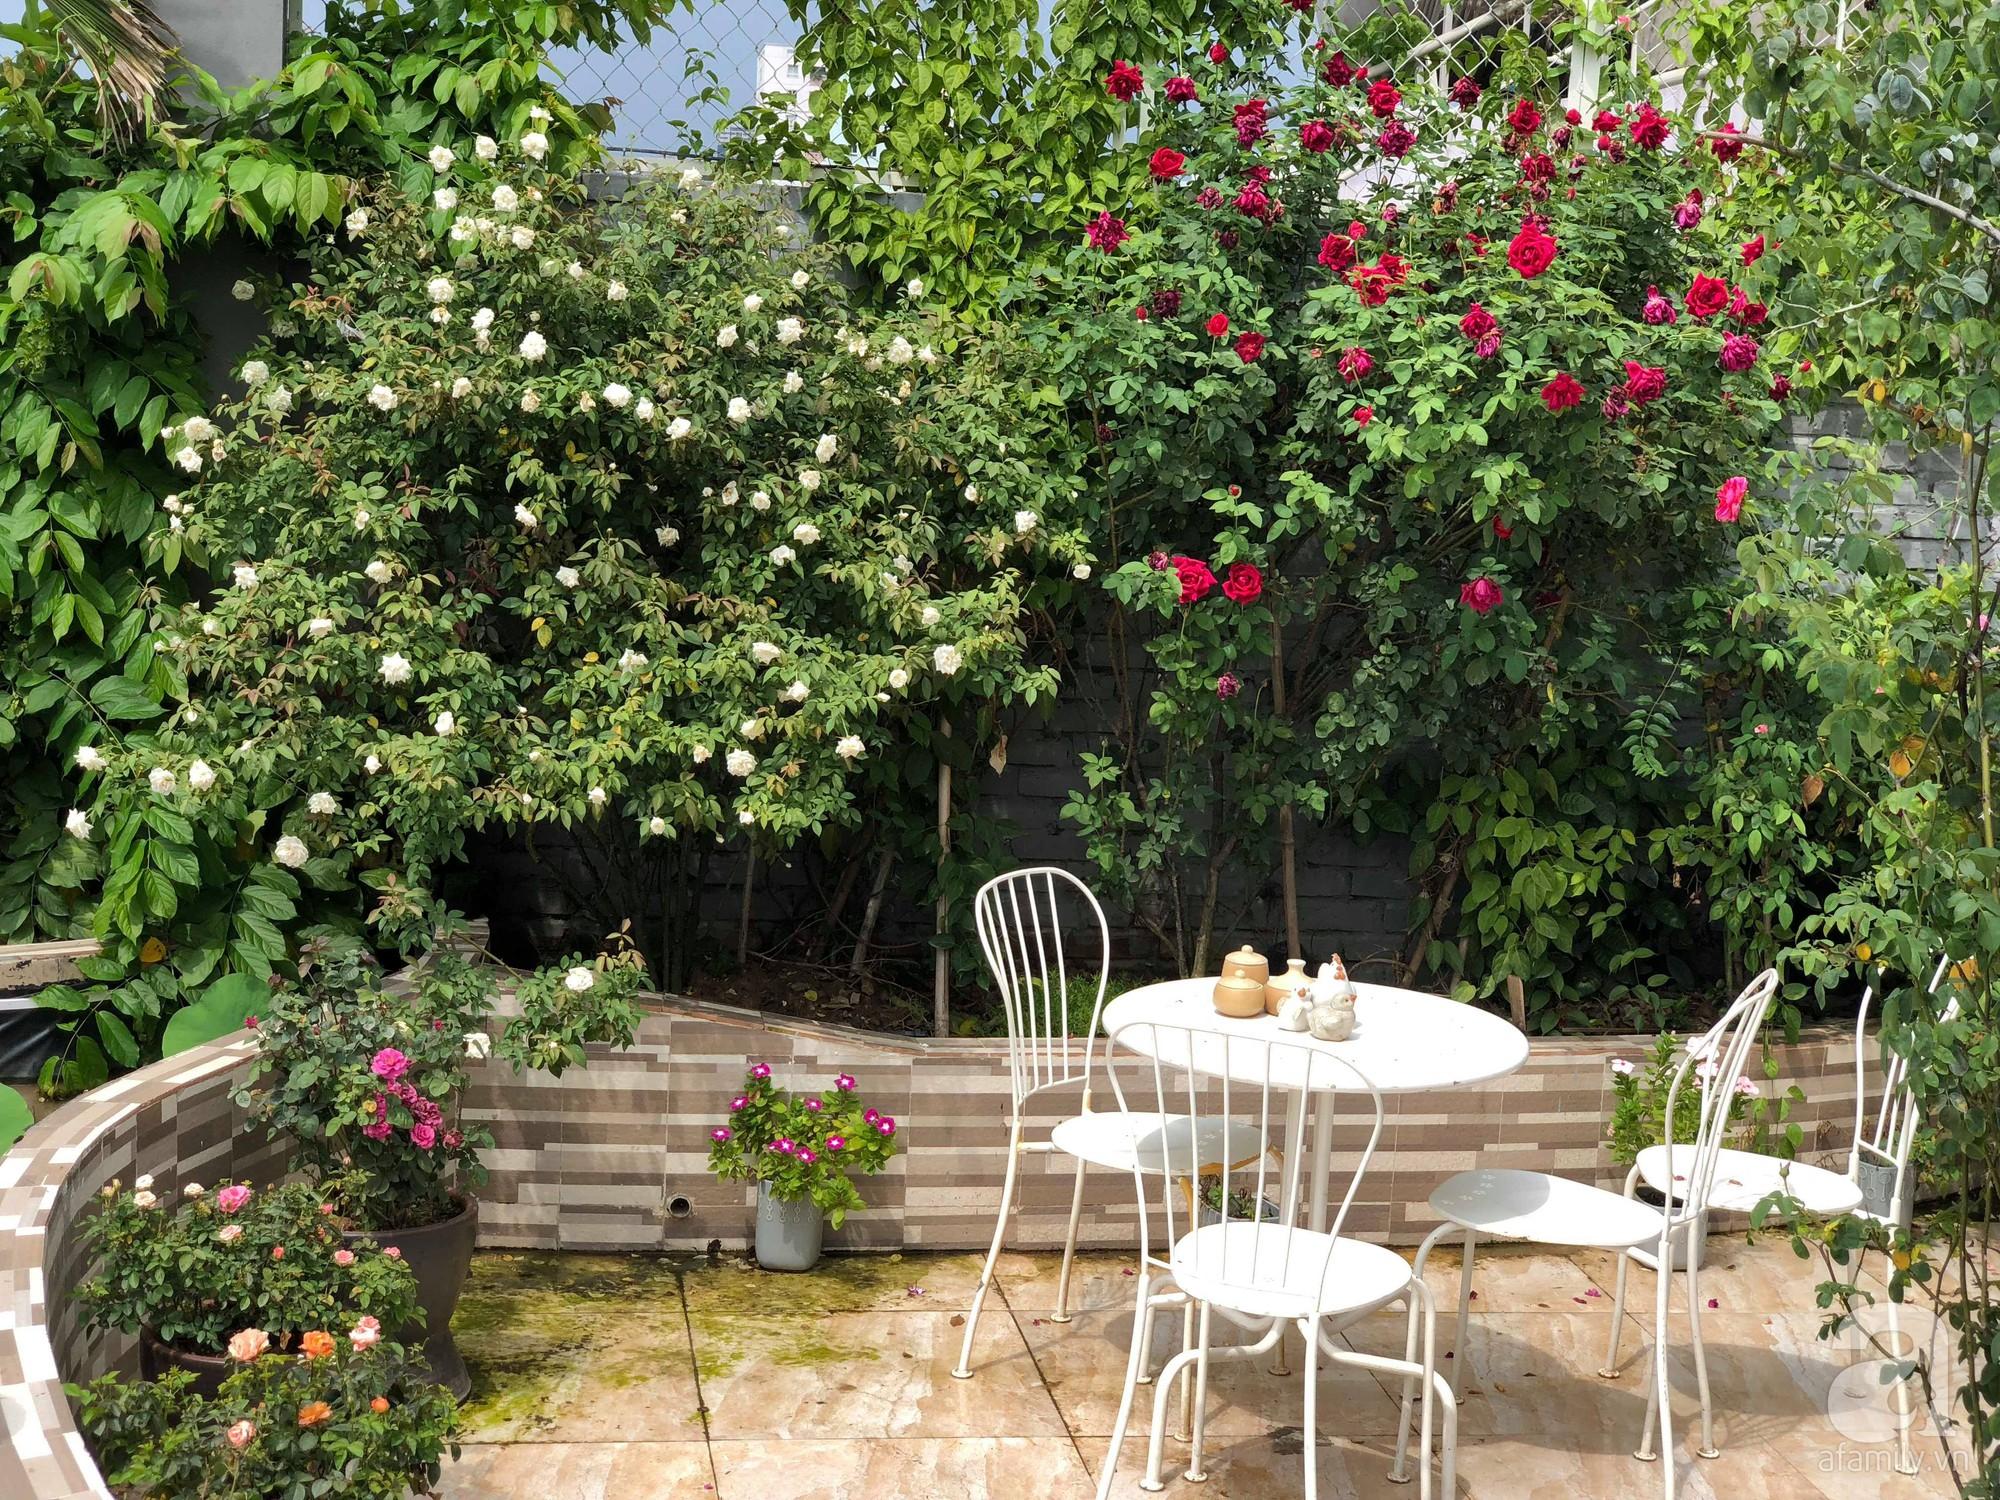 Khu vườn trên sân thượng rộng 200m² đẹp ngỡ ngàng với trăm loài hoa đua nhau khoe sắc ở Hà Nội